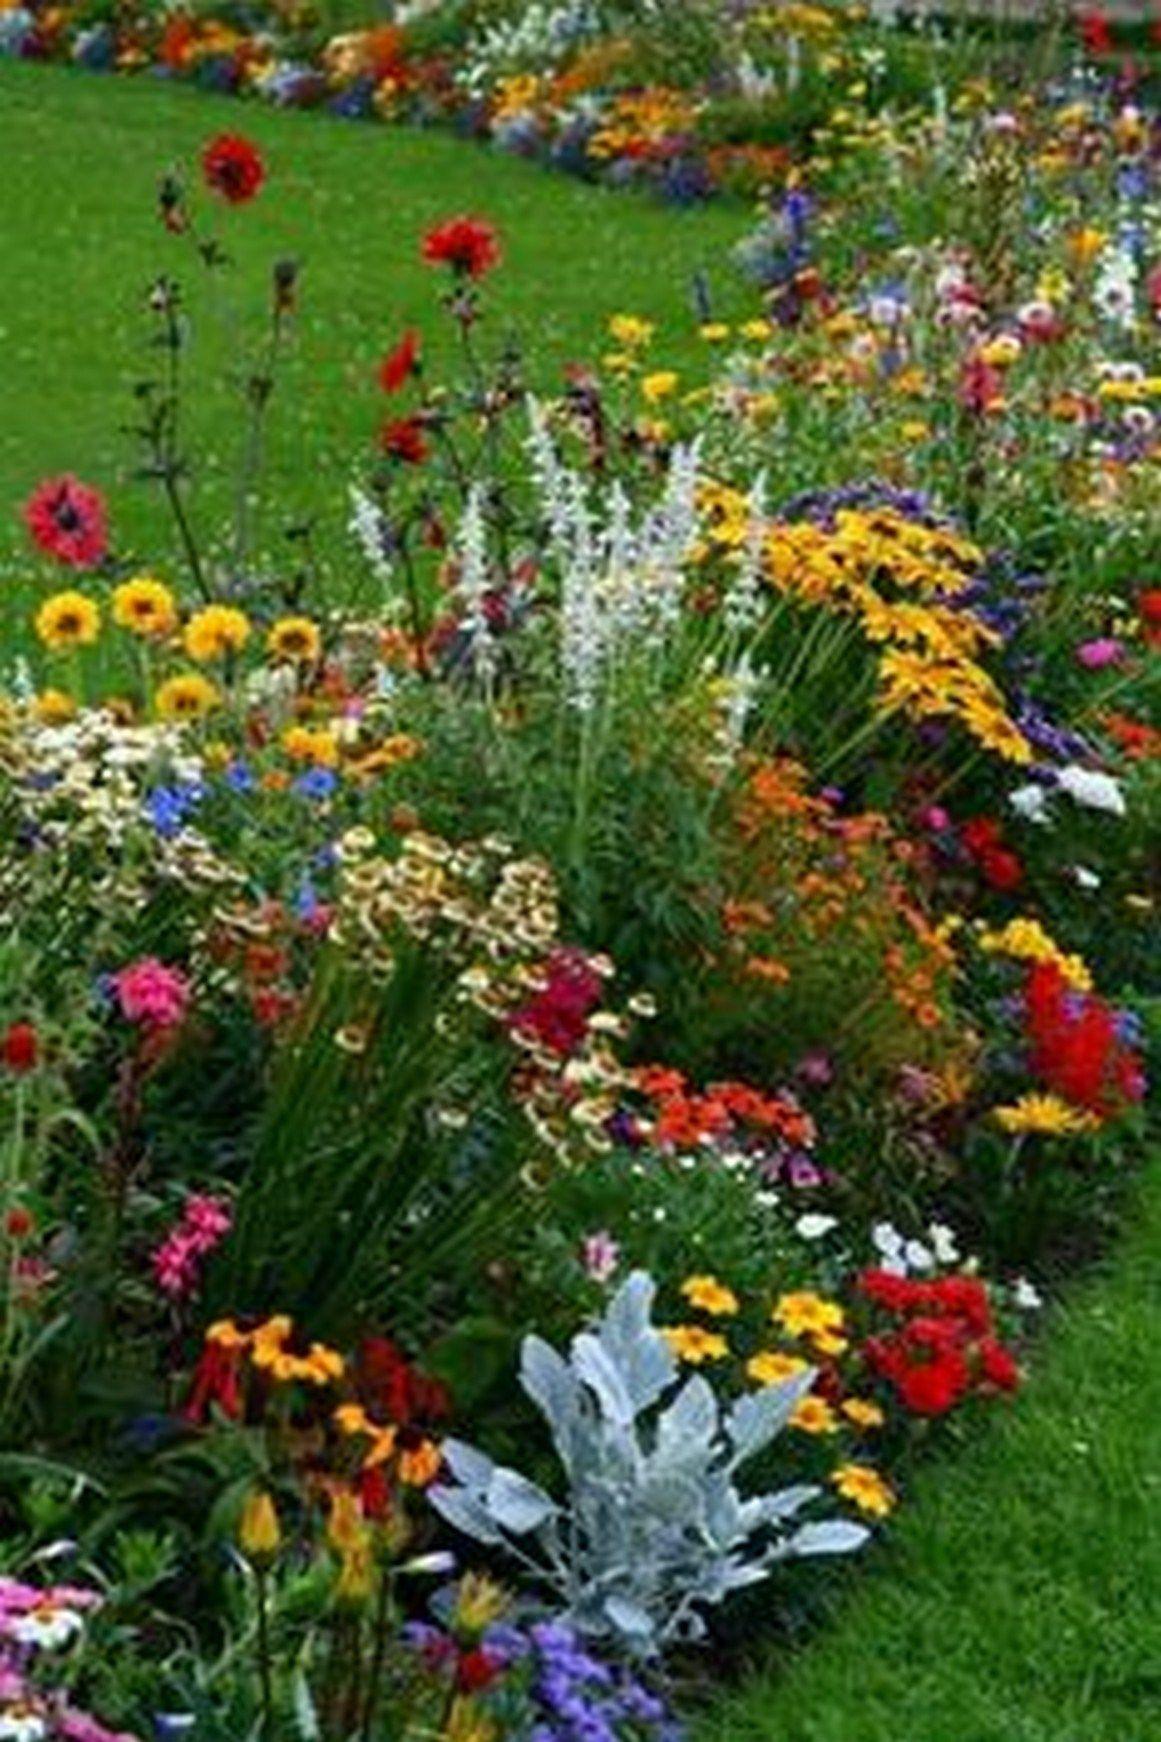 101 Stunning Small Cottage Garden Ideas 9 Bilahouse Com Bilahousecom Cottage Garden Ide Beautiful Flowers Garden Cottage Garden Small Cottage Garden Ideas